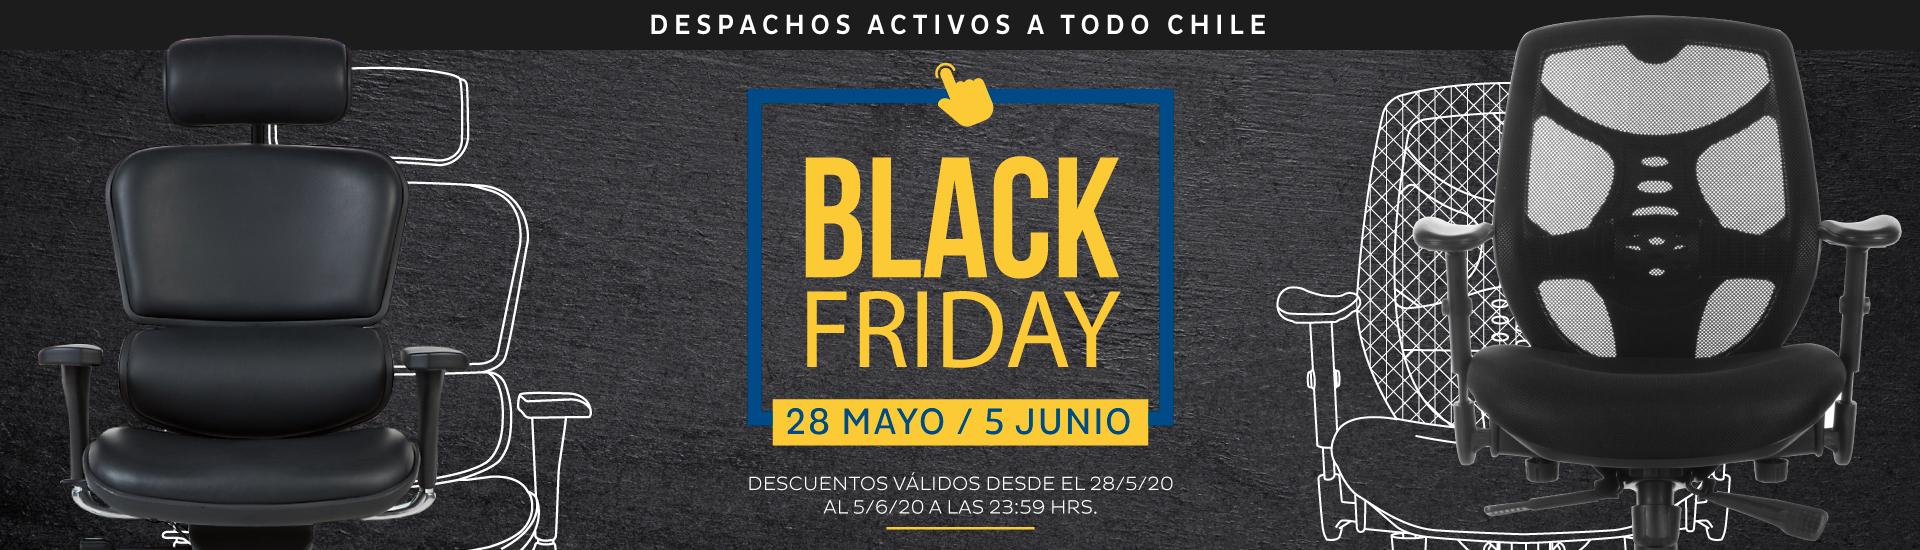 Black Friday Sillas #yomequedoencasa